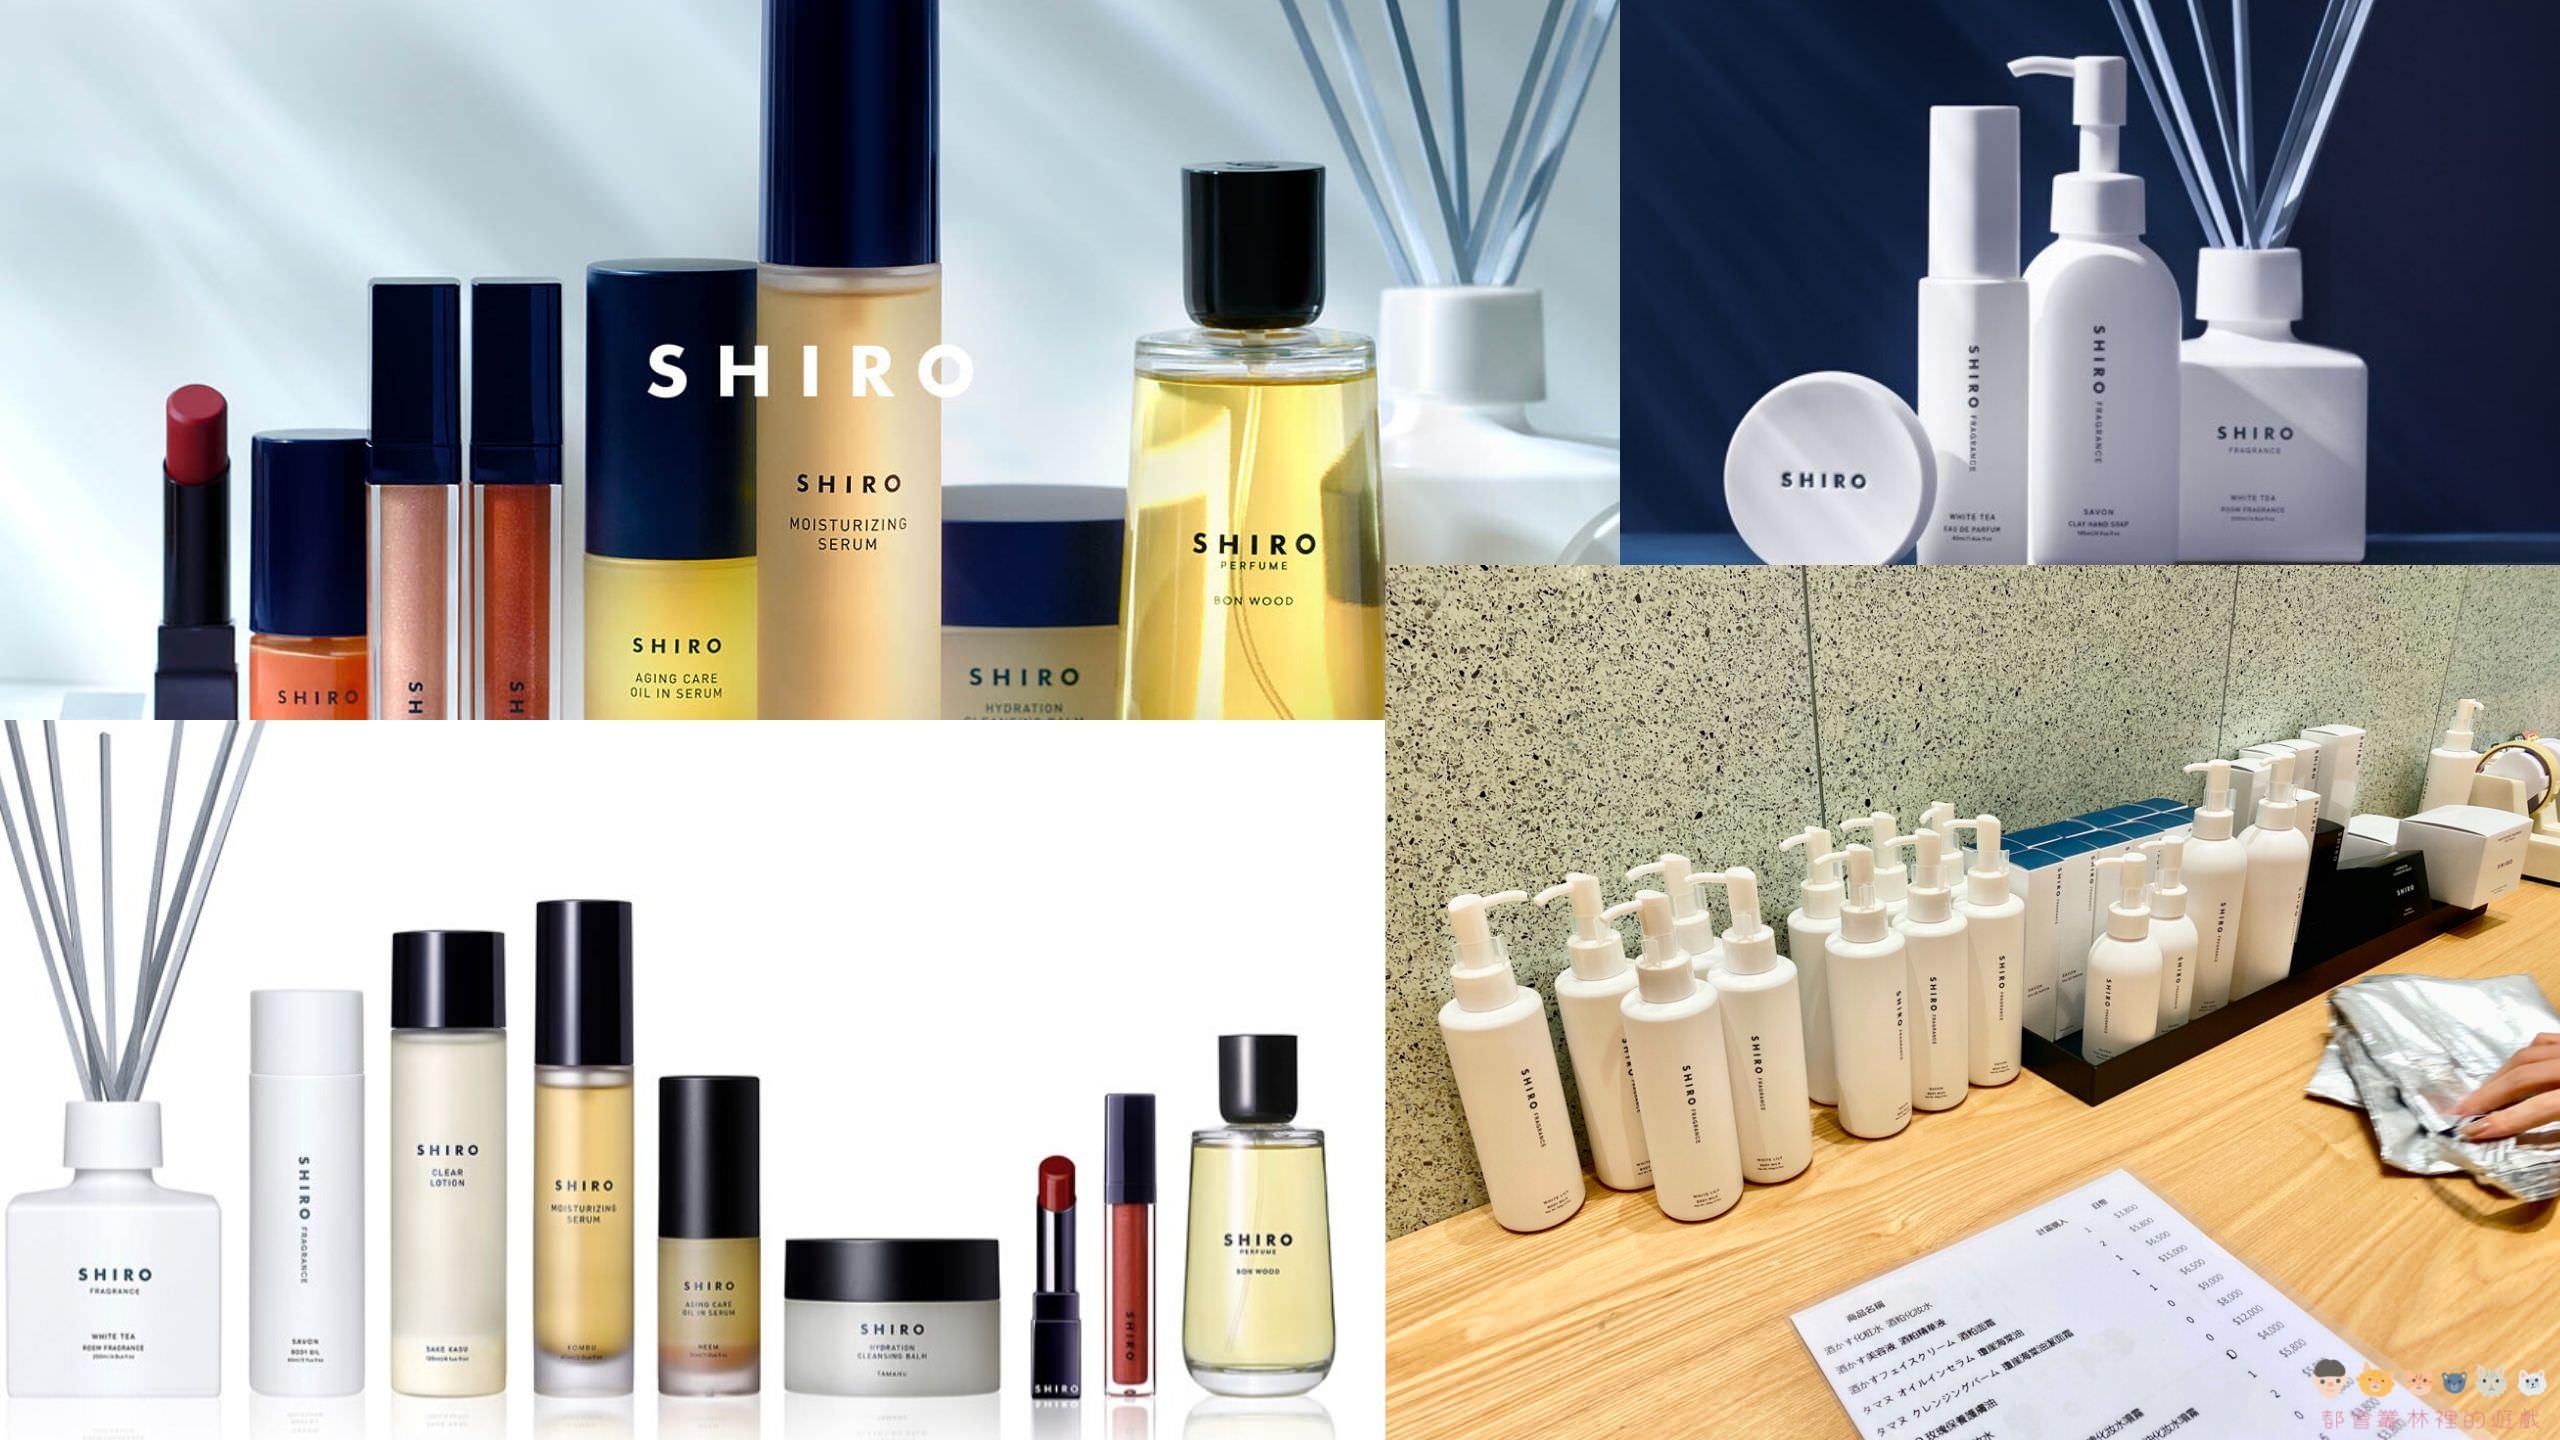 【保養】日本北海道零負評美妝保養品 SHIRO 沐浴乳、洗手乳、身體乳、淡香水